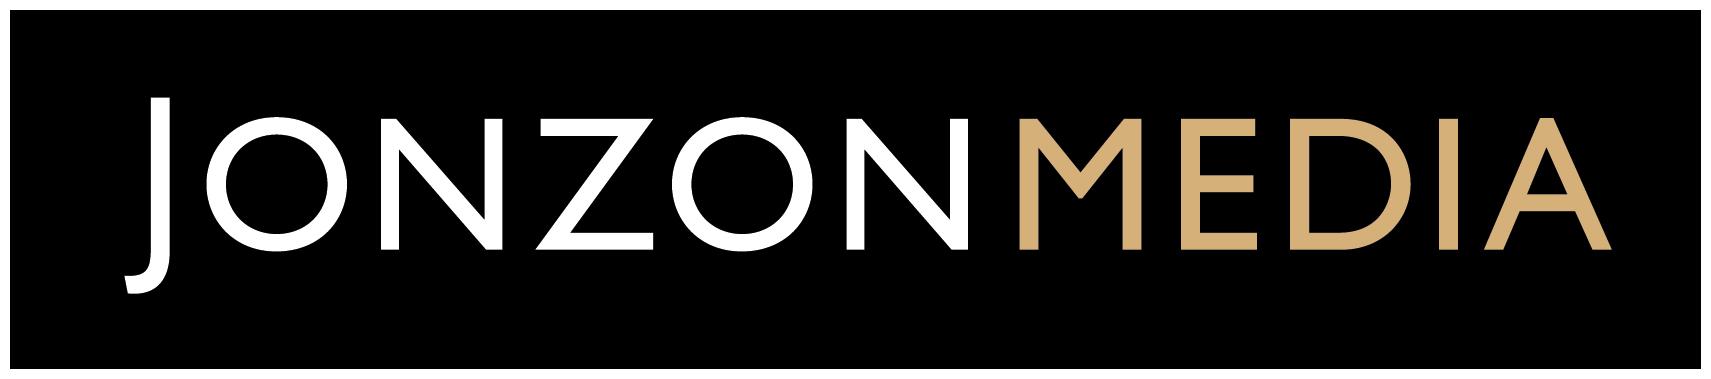 JonzonMedia